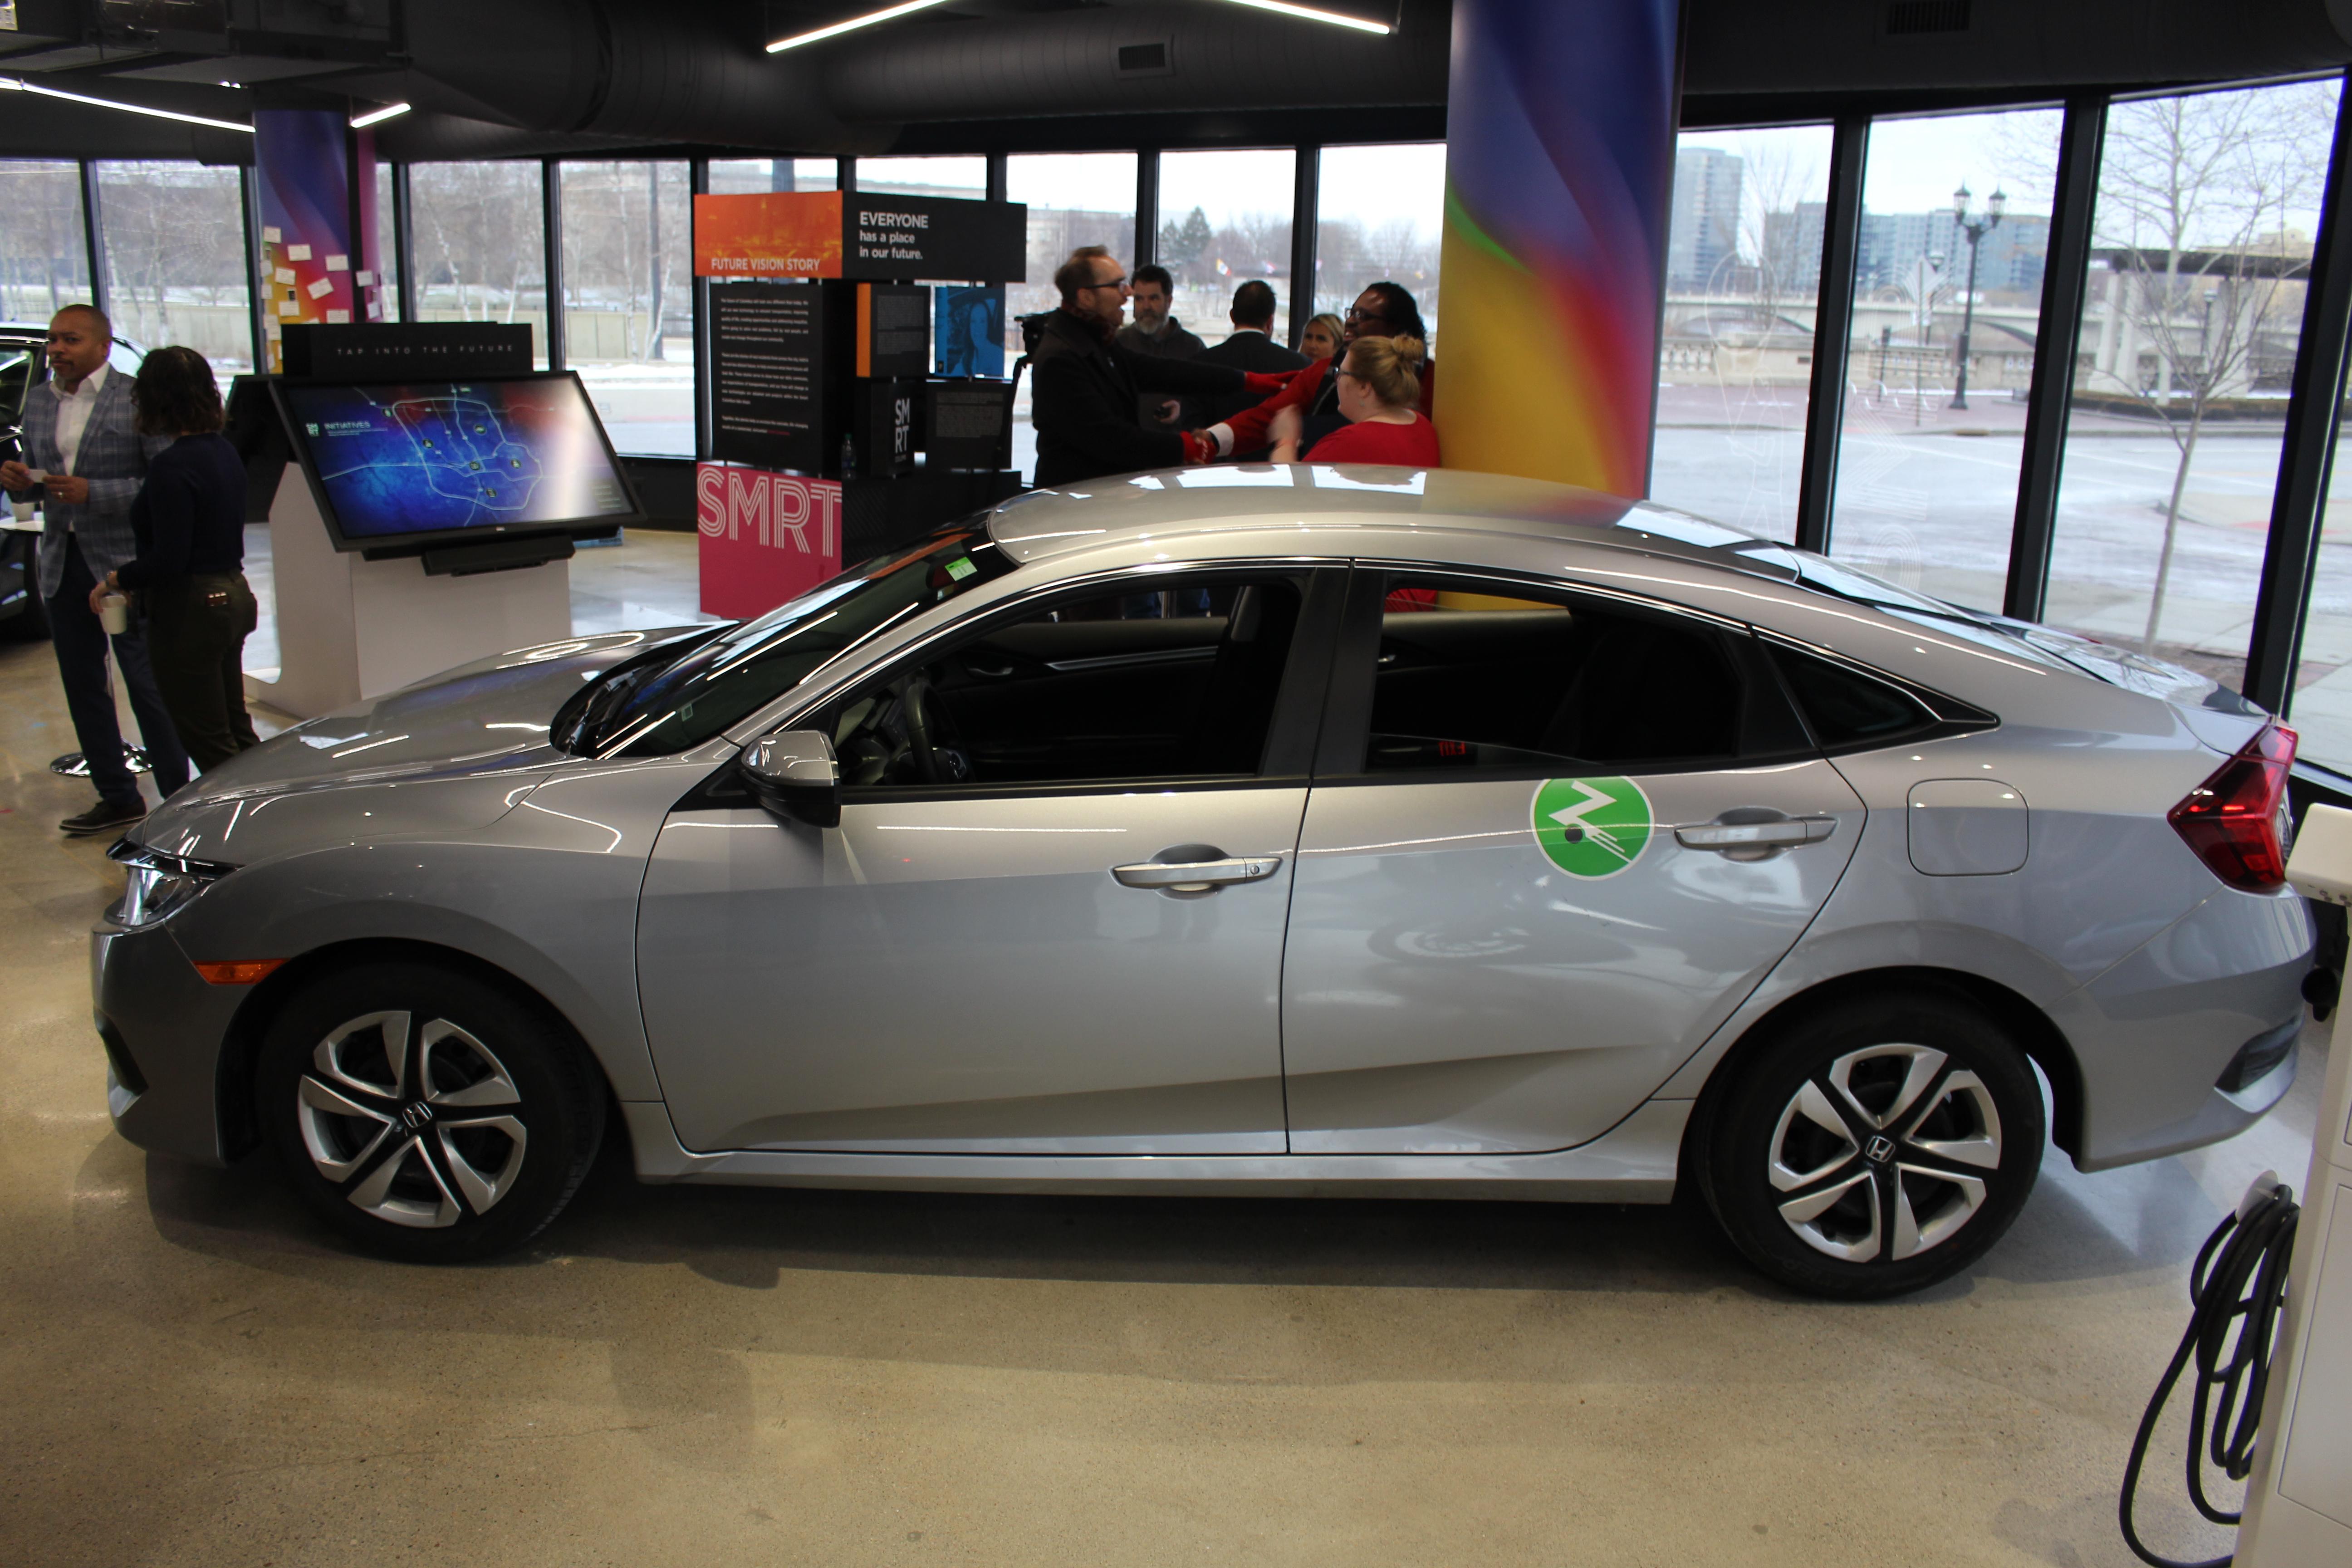 Zipcar announces Honda partnership, new Columbus fleet of 30 cars